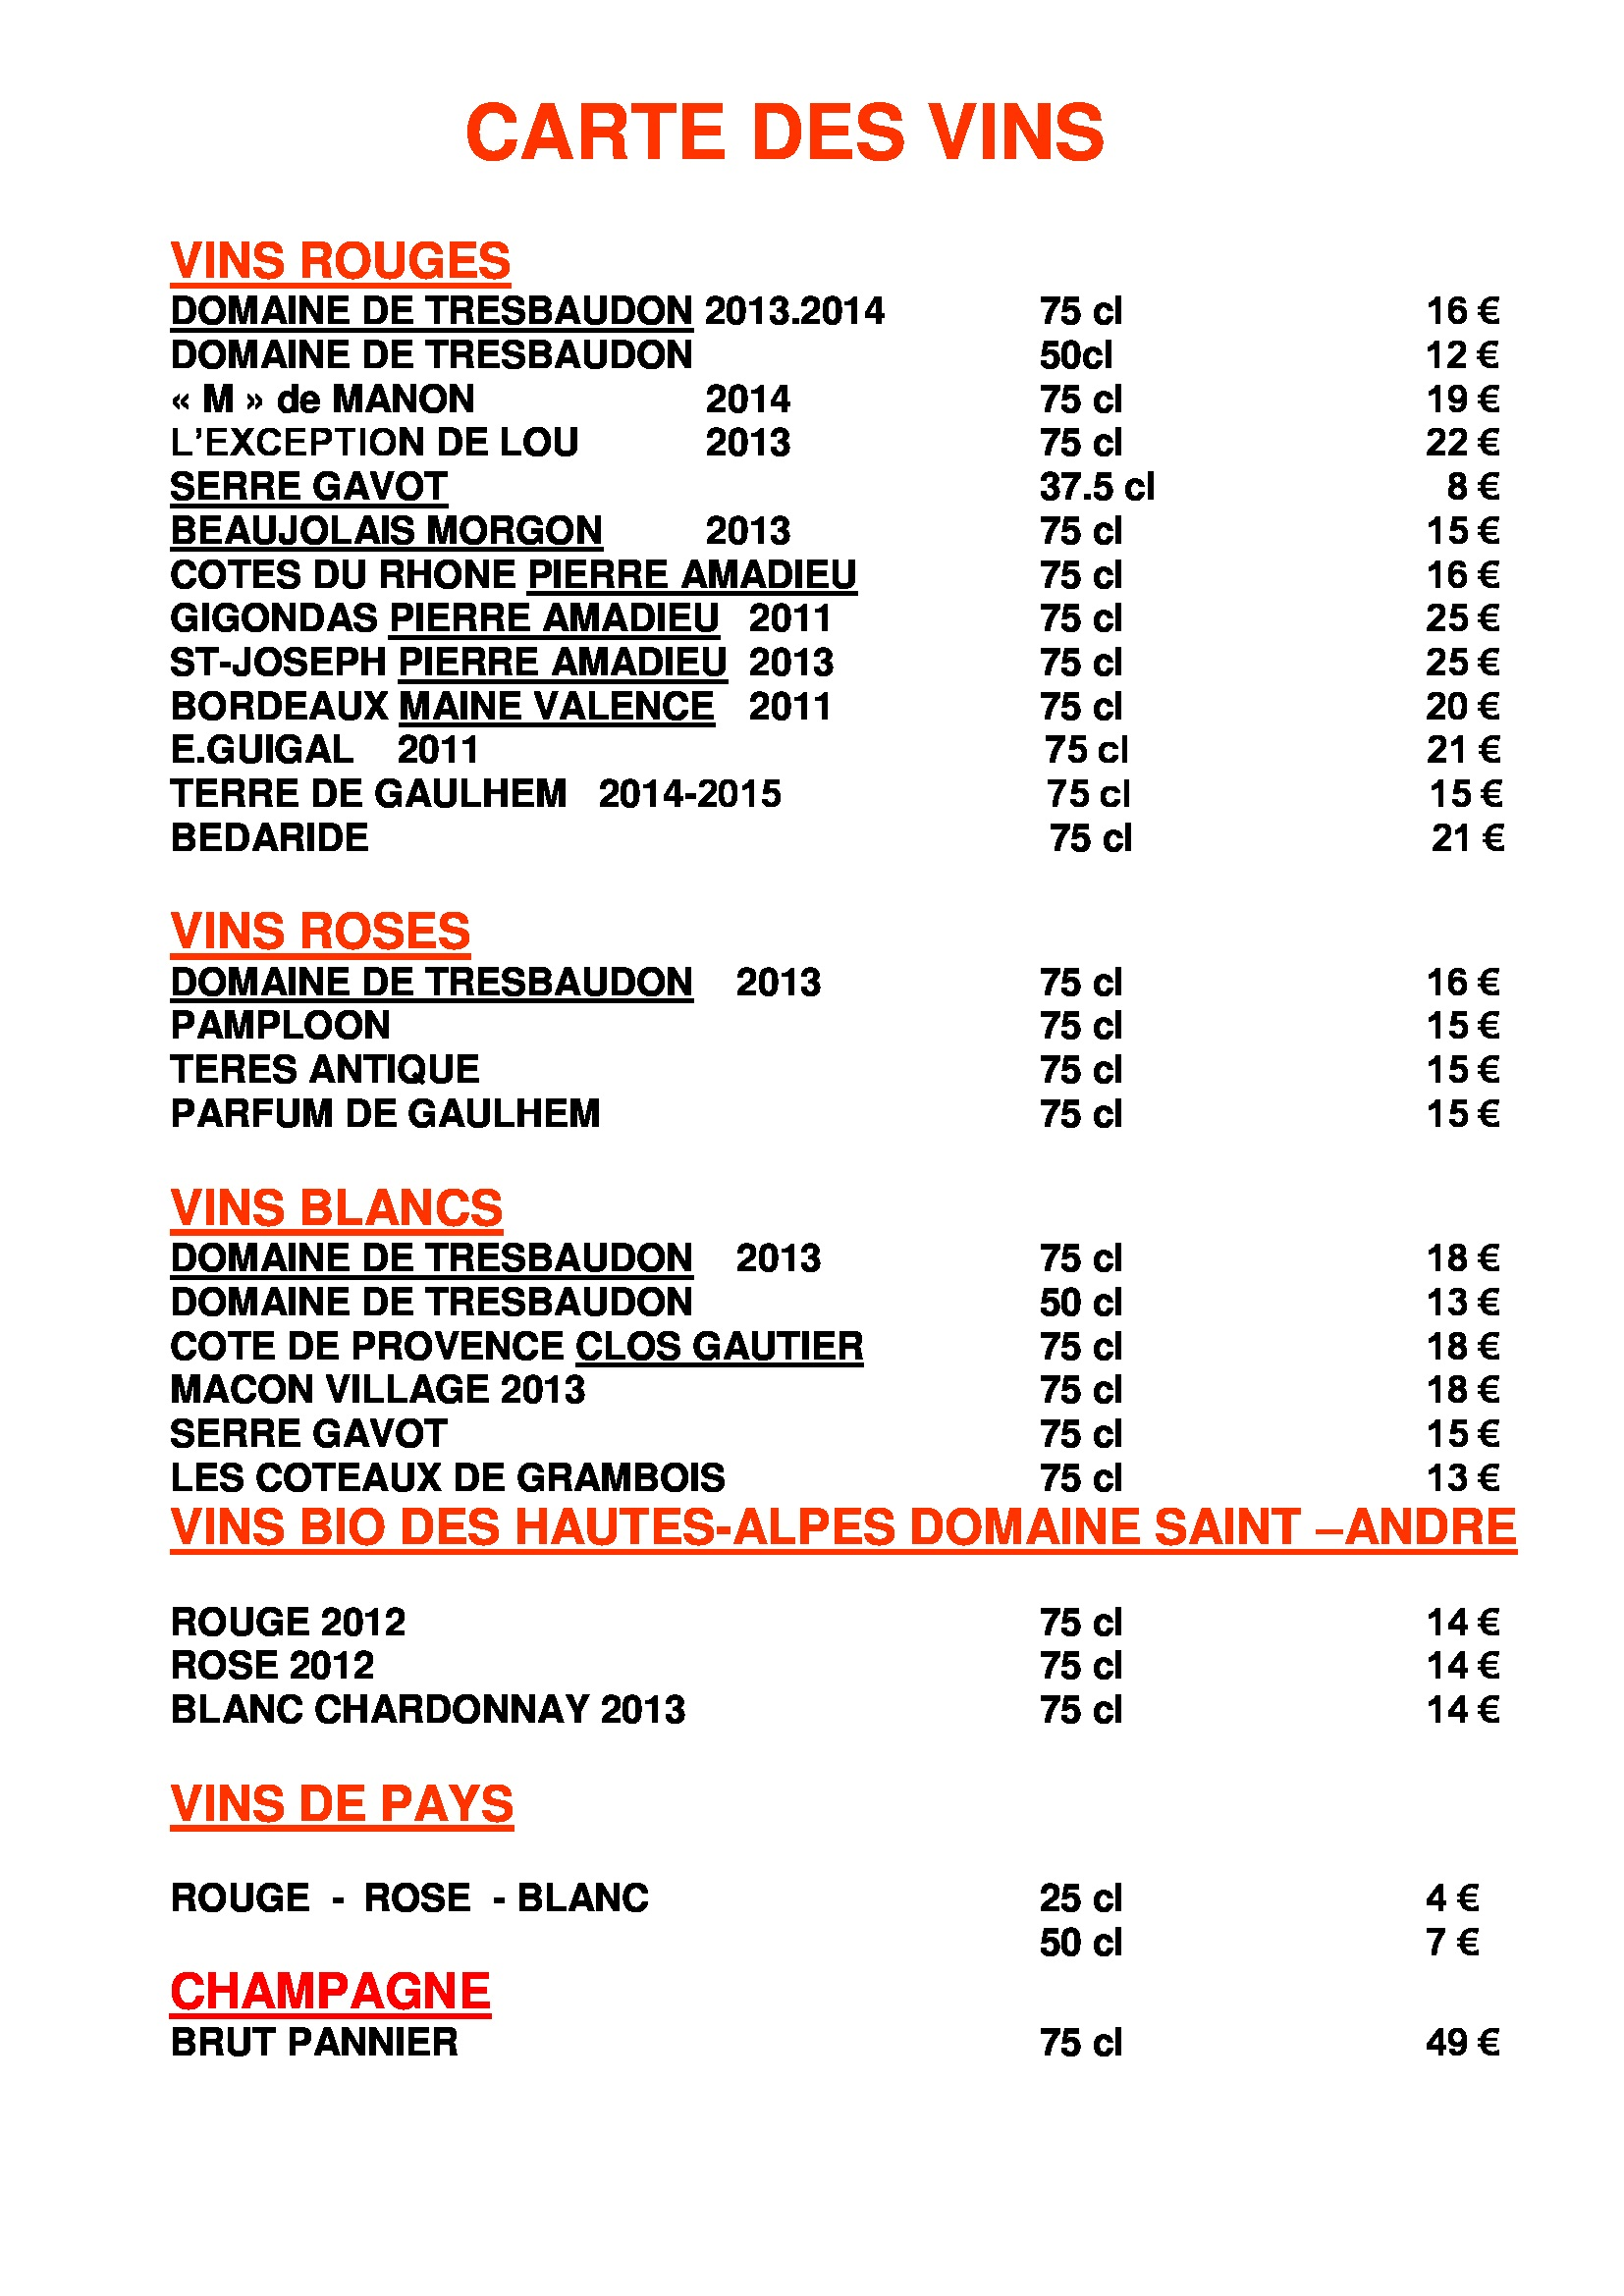 Carte des vins le melezin for Jardin des vins 2015 horaires